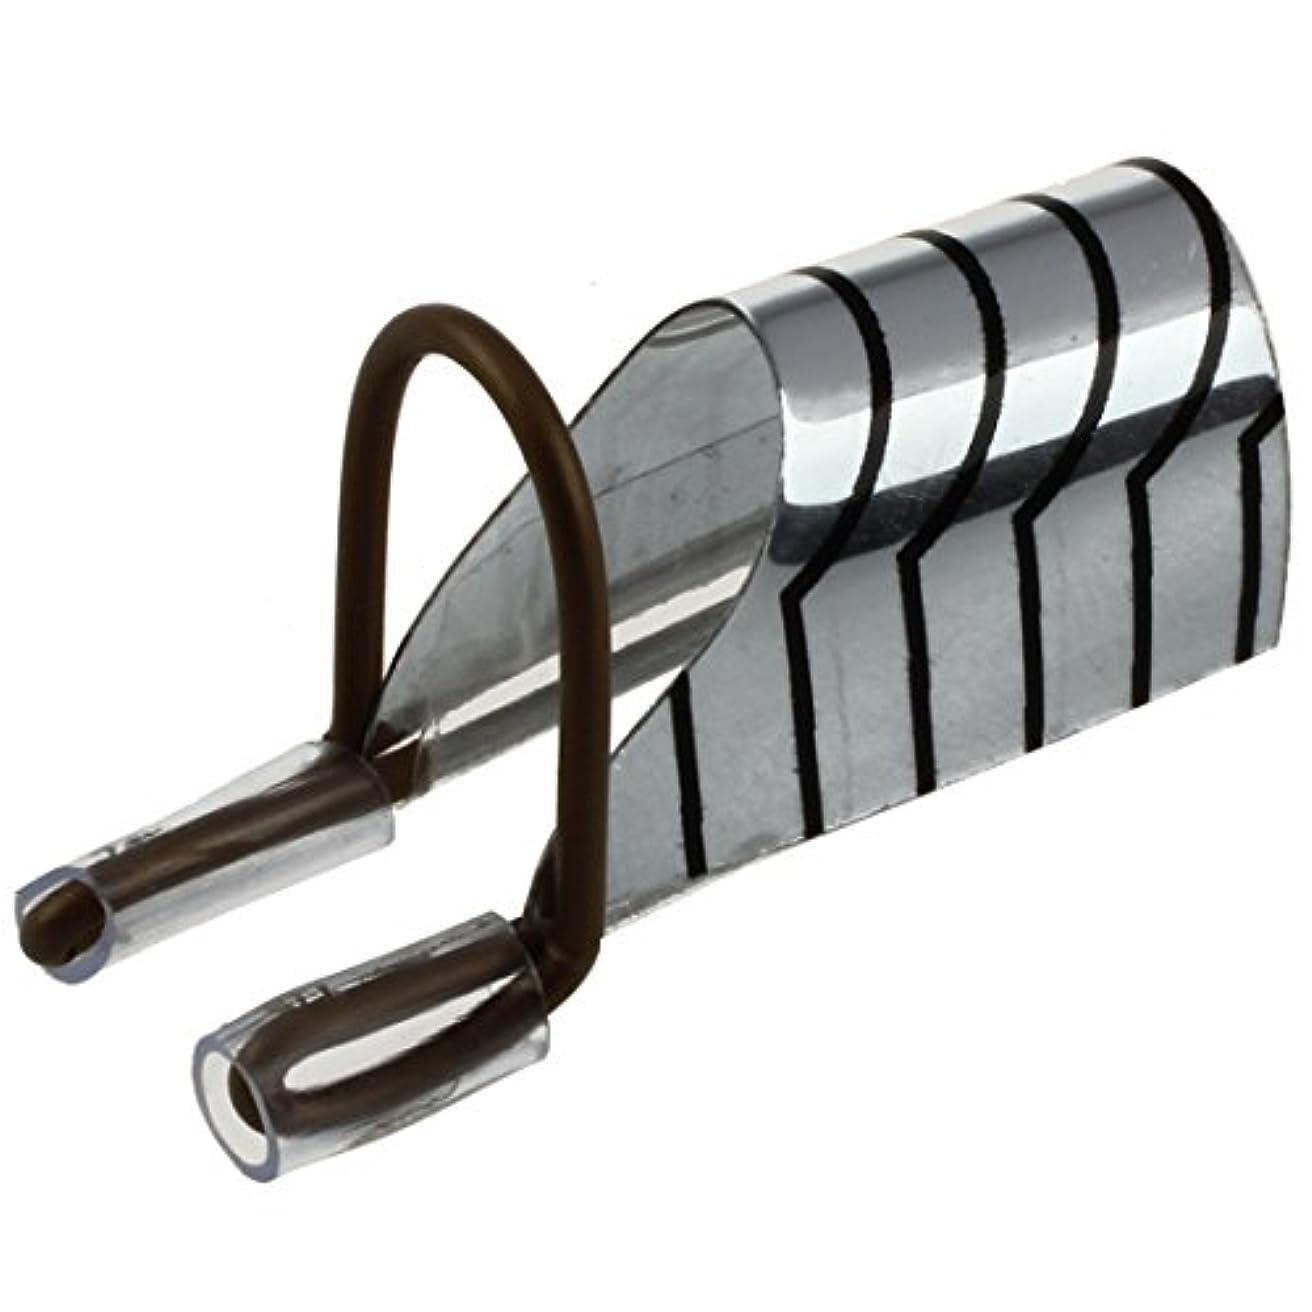 展示会装備する研究所SODIAL(R) 5個再利用可能なネイルアートフォームのUVジェルフレンチアクリルヒントプロテクターツール銀箔W/ ボックス